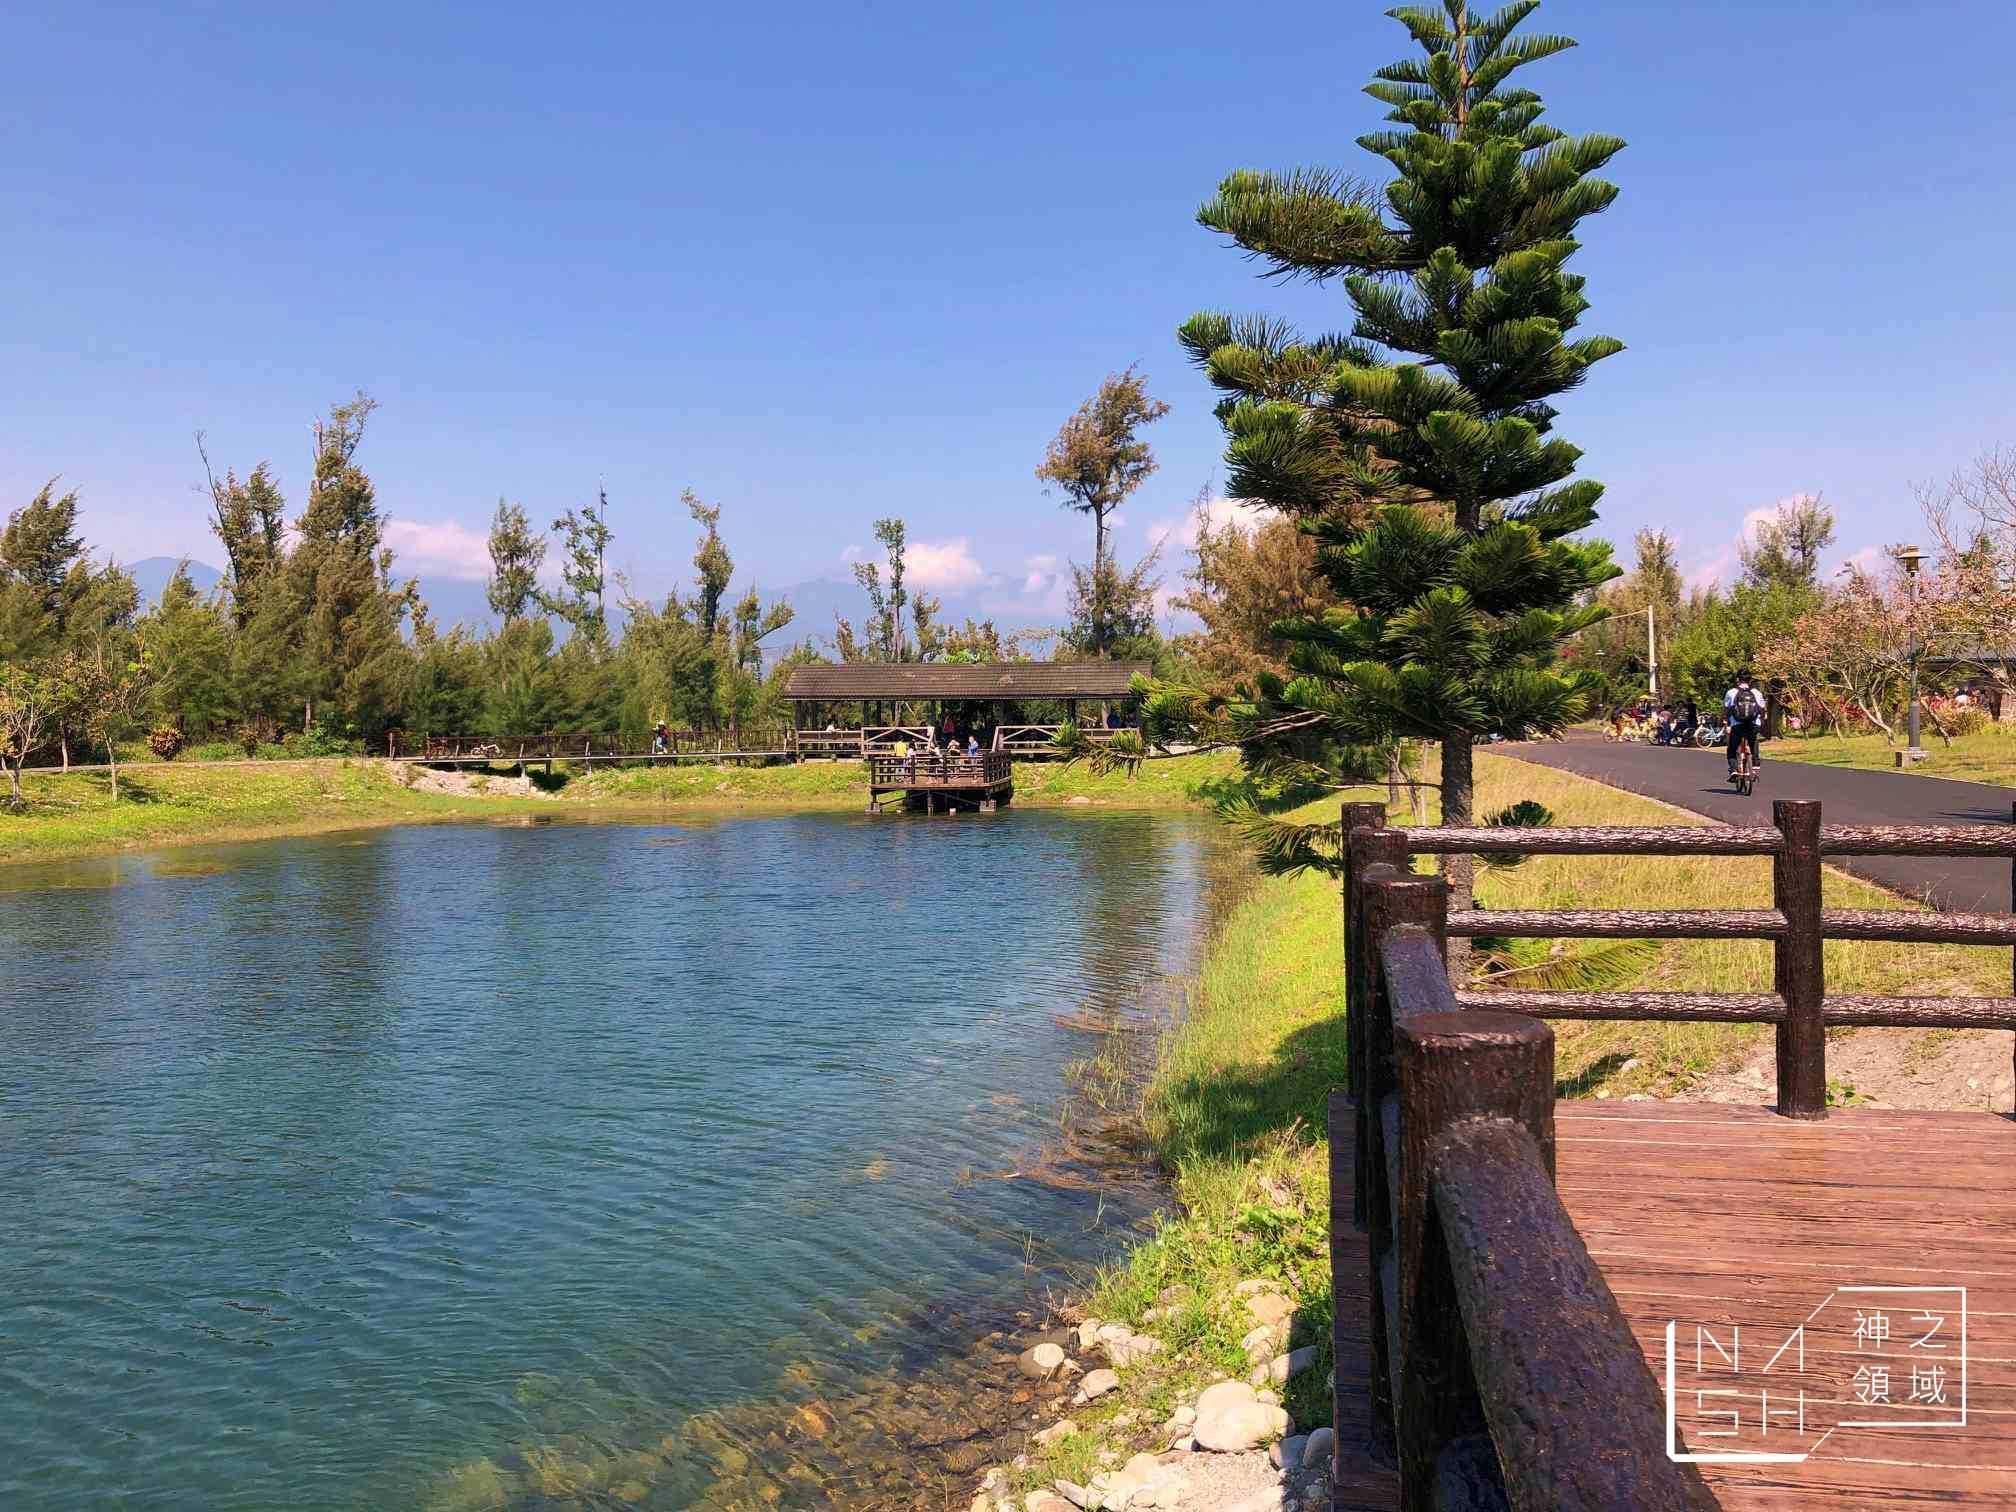 台東森林公園